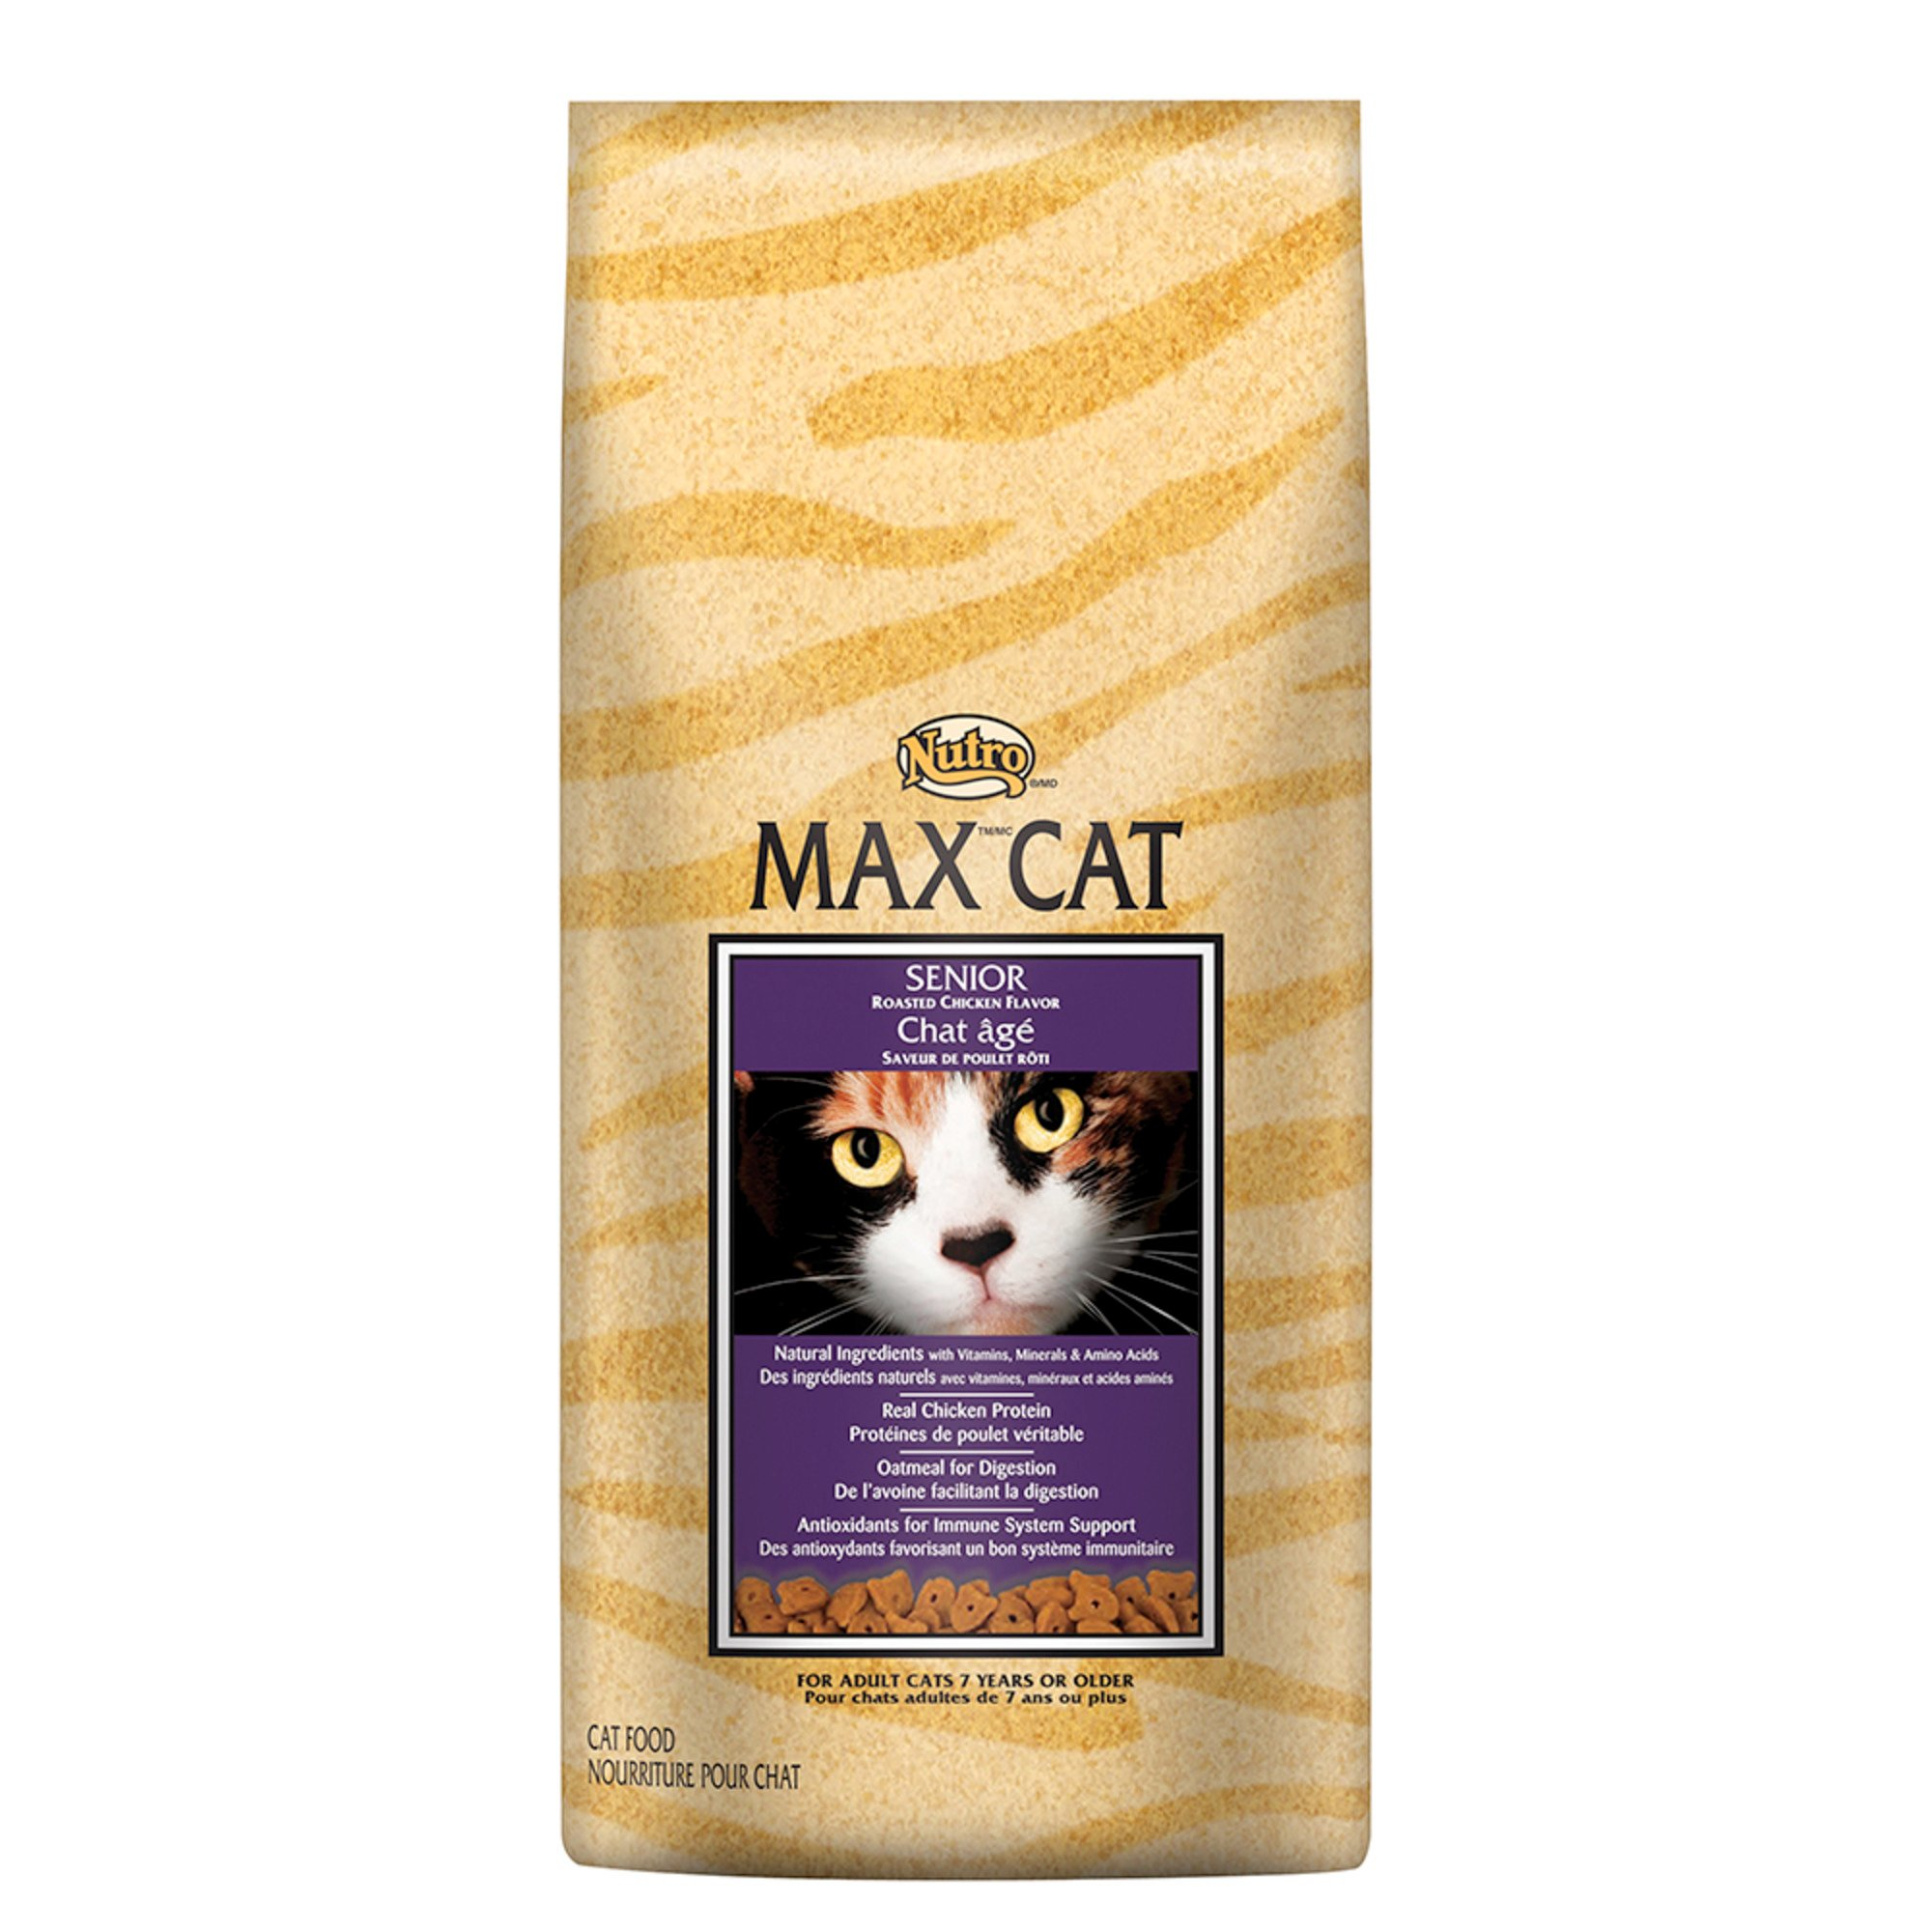 Nutro Senior Cat Food